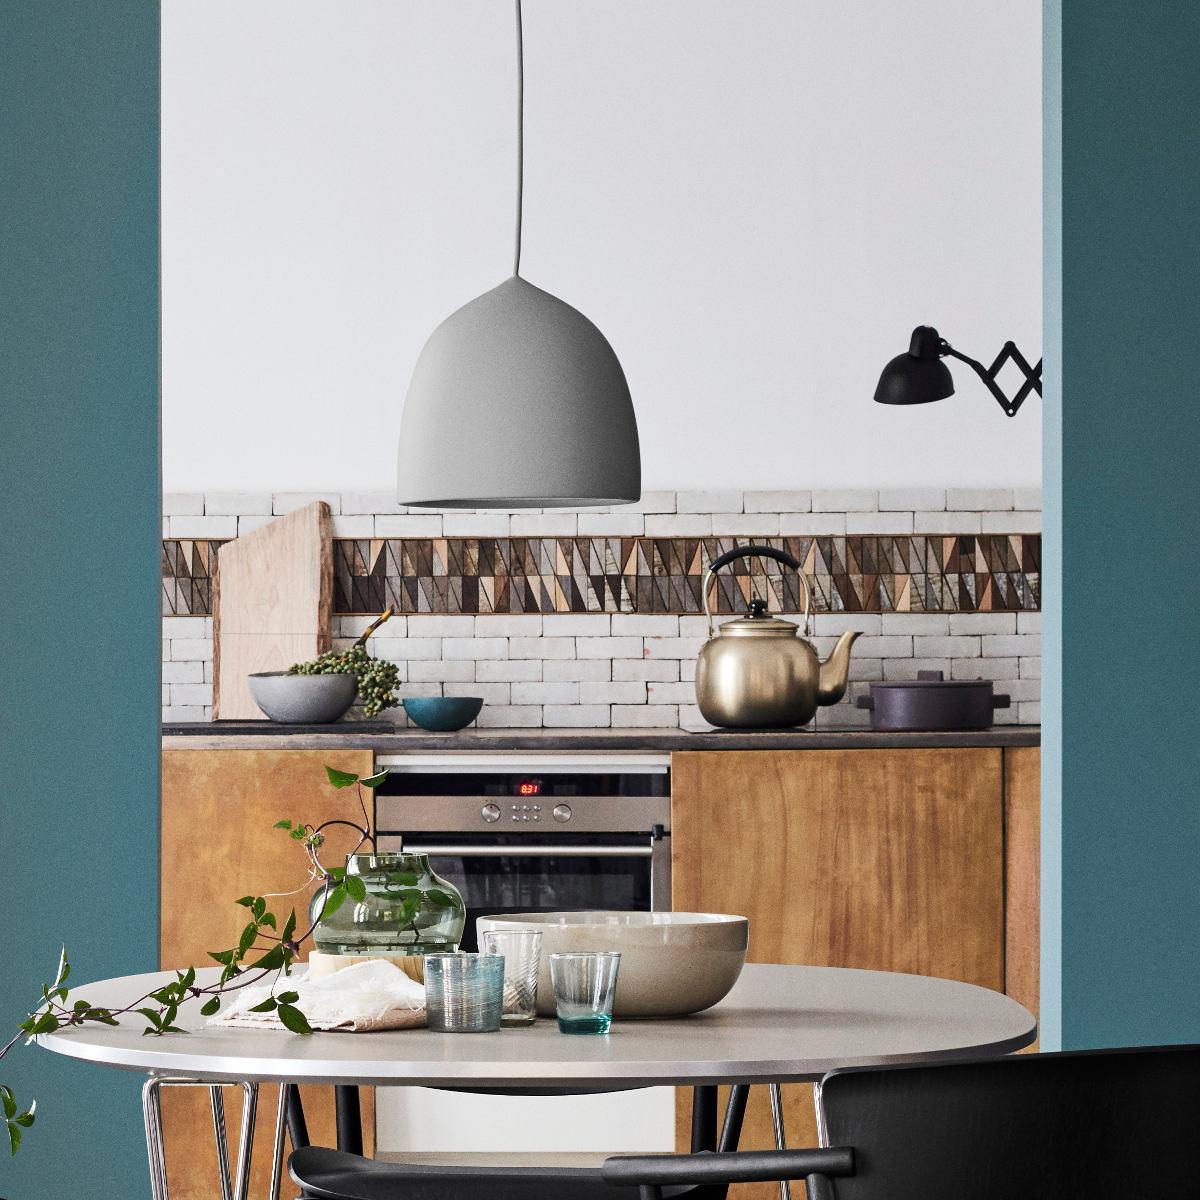 Full Size of Küchen Deckenleuchte Deckenleuchten Fr Kchen Küche Schlafzimmer Modern Bad Wohnzimmer Led Moderne Regal Badezimmer Wohnzimmer Küchen Deckenleuchte